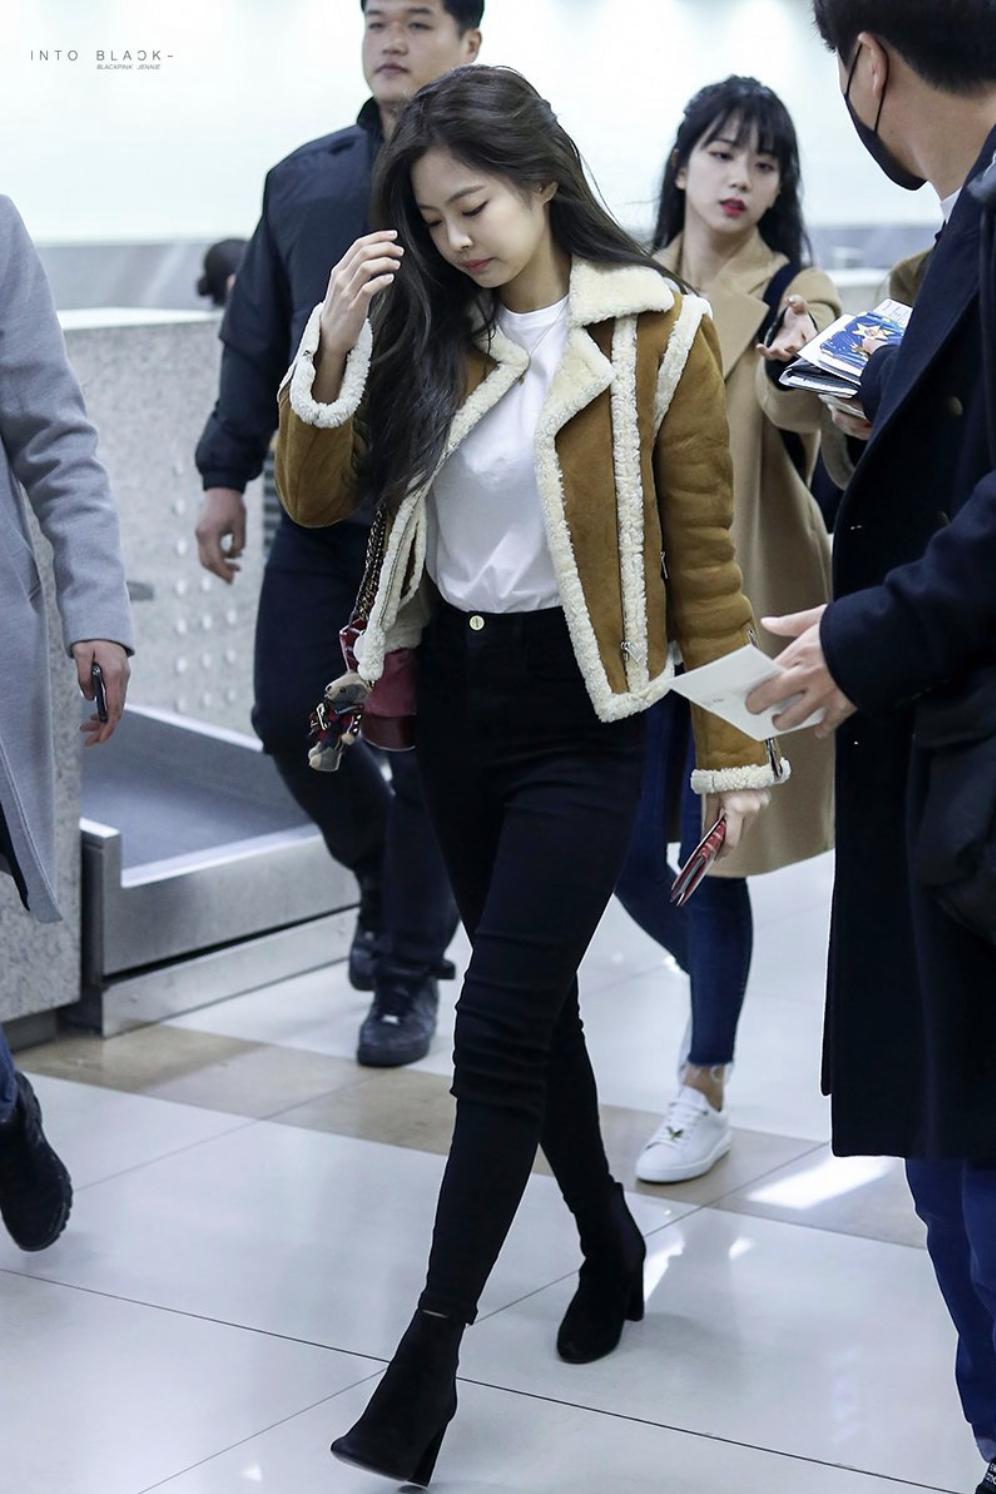 Blackpink Outfit Ideas: #JennieKim #Jennie #Blackpink